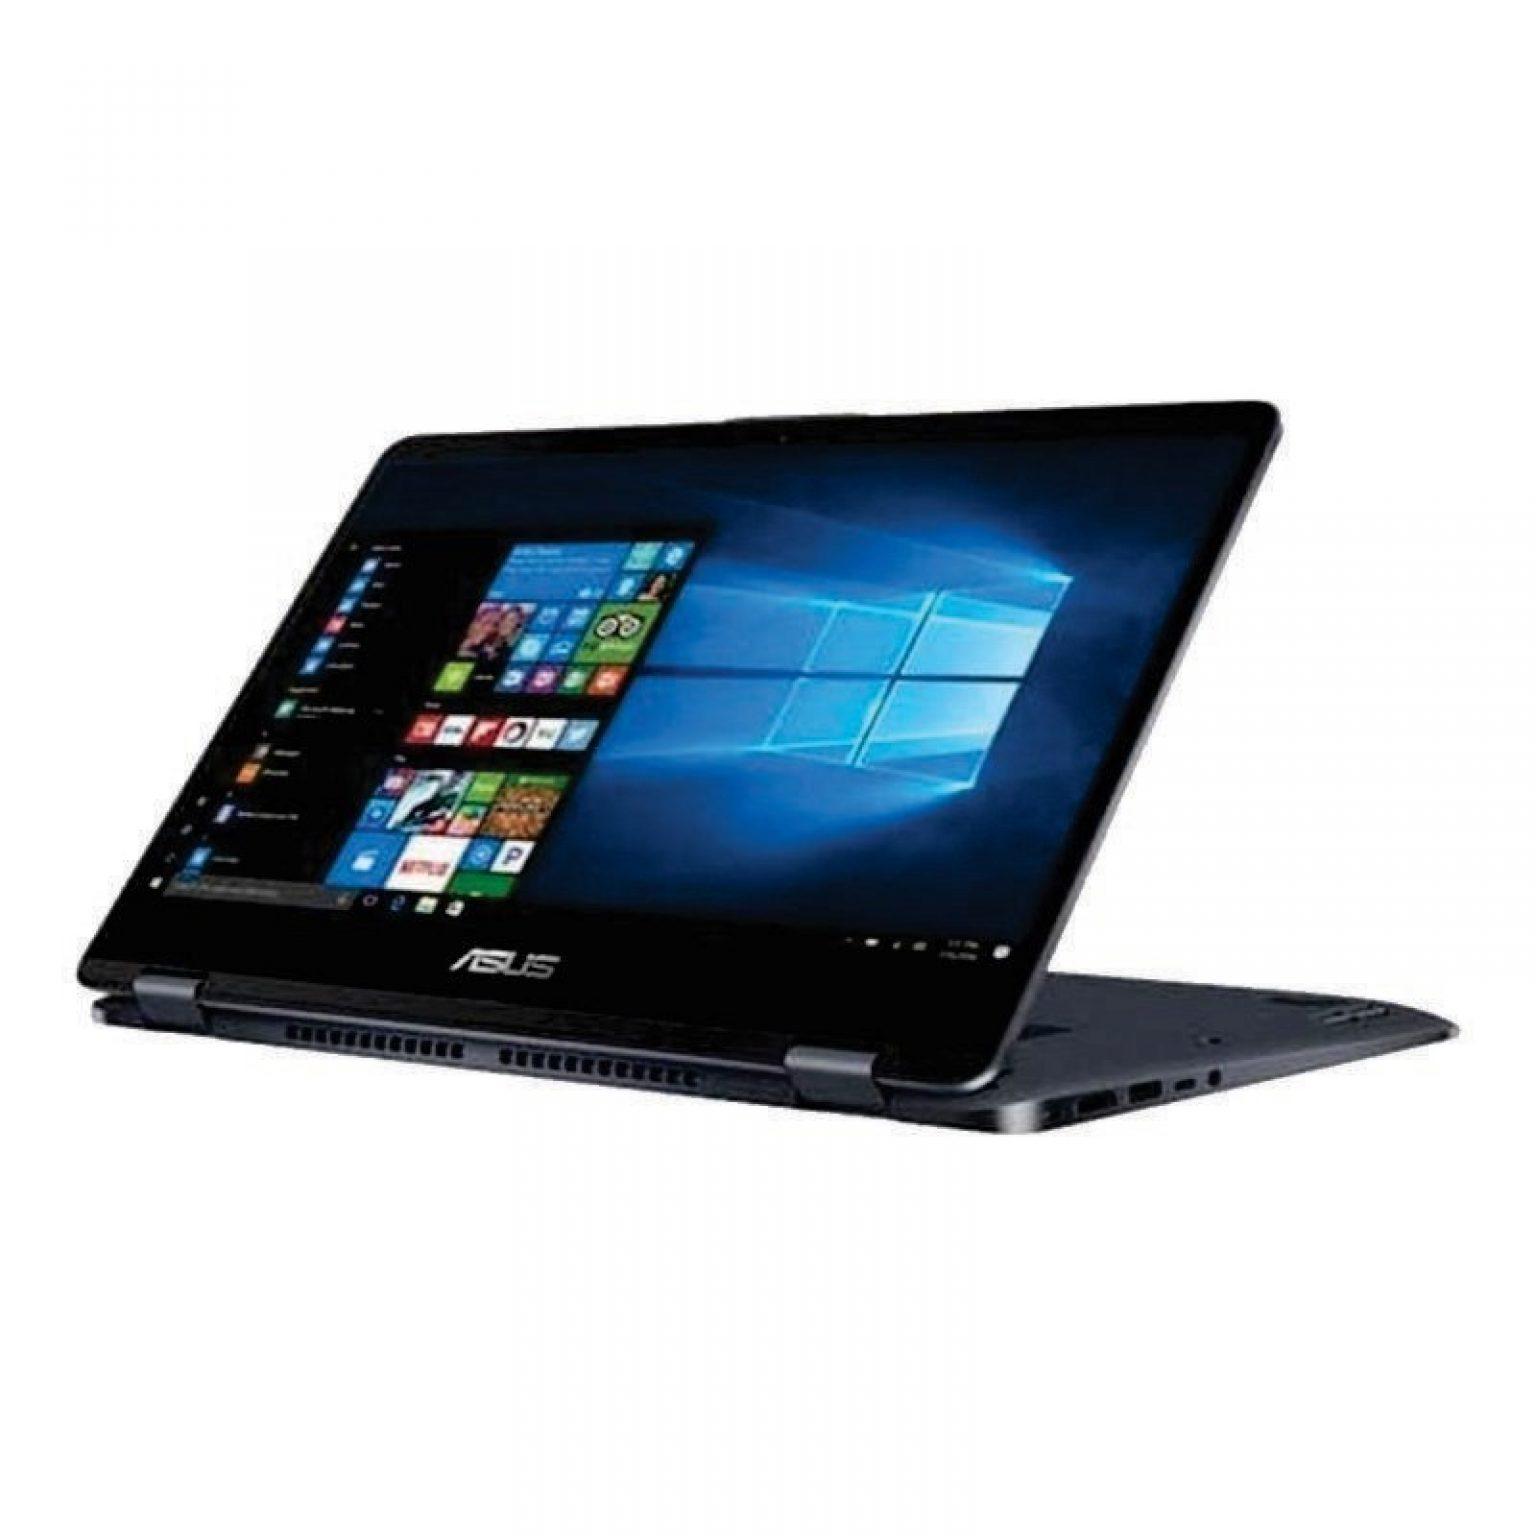 ASUS - VivoBook Flip TP410UF-EC027T (i7-8550U/8GB RAM/1TB HDD+128GB SSD/MX130/Touch/Win10SL/Star Grey)